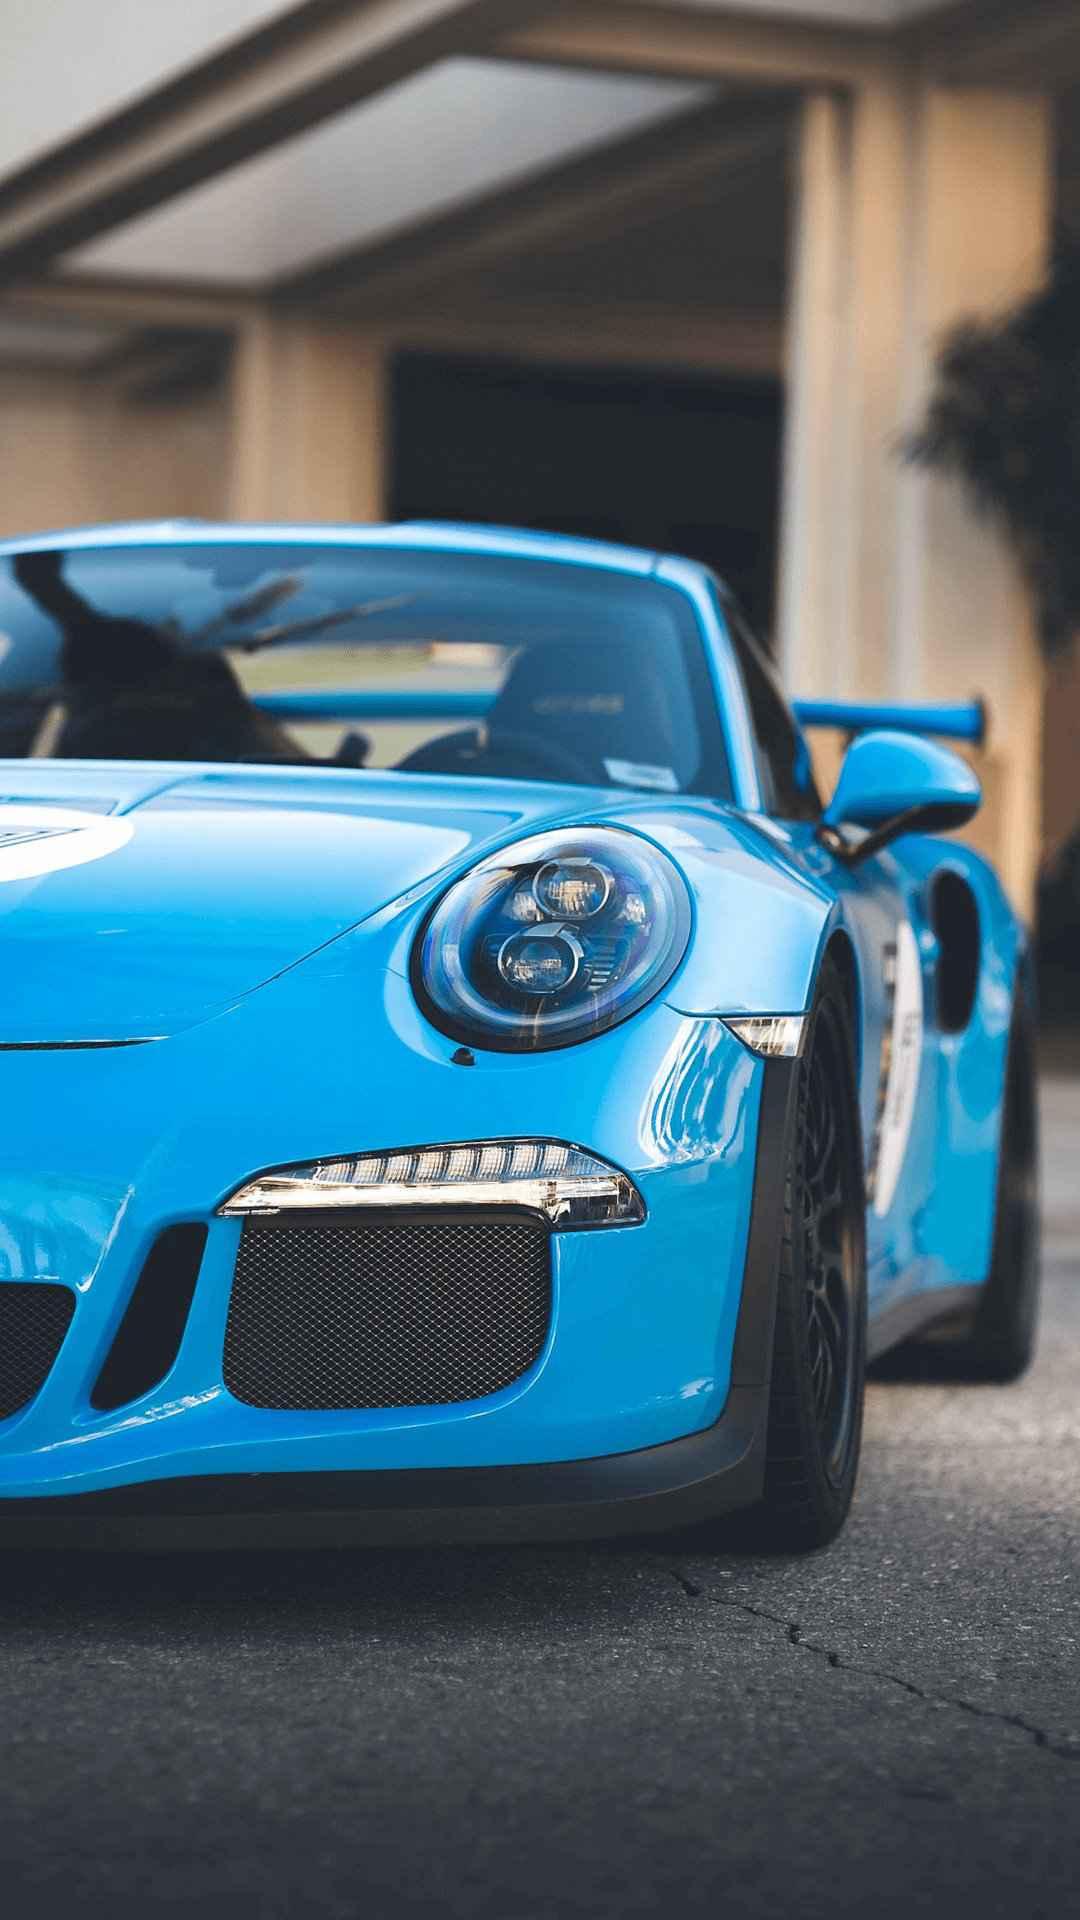 Porsche Gt3 Wallpaper Iphone 1080x1920 Download Hd Wallpaper Wallpapertip